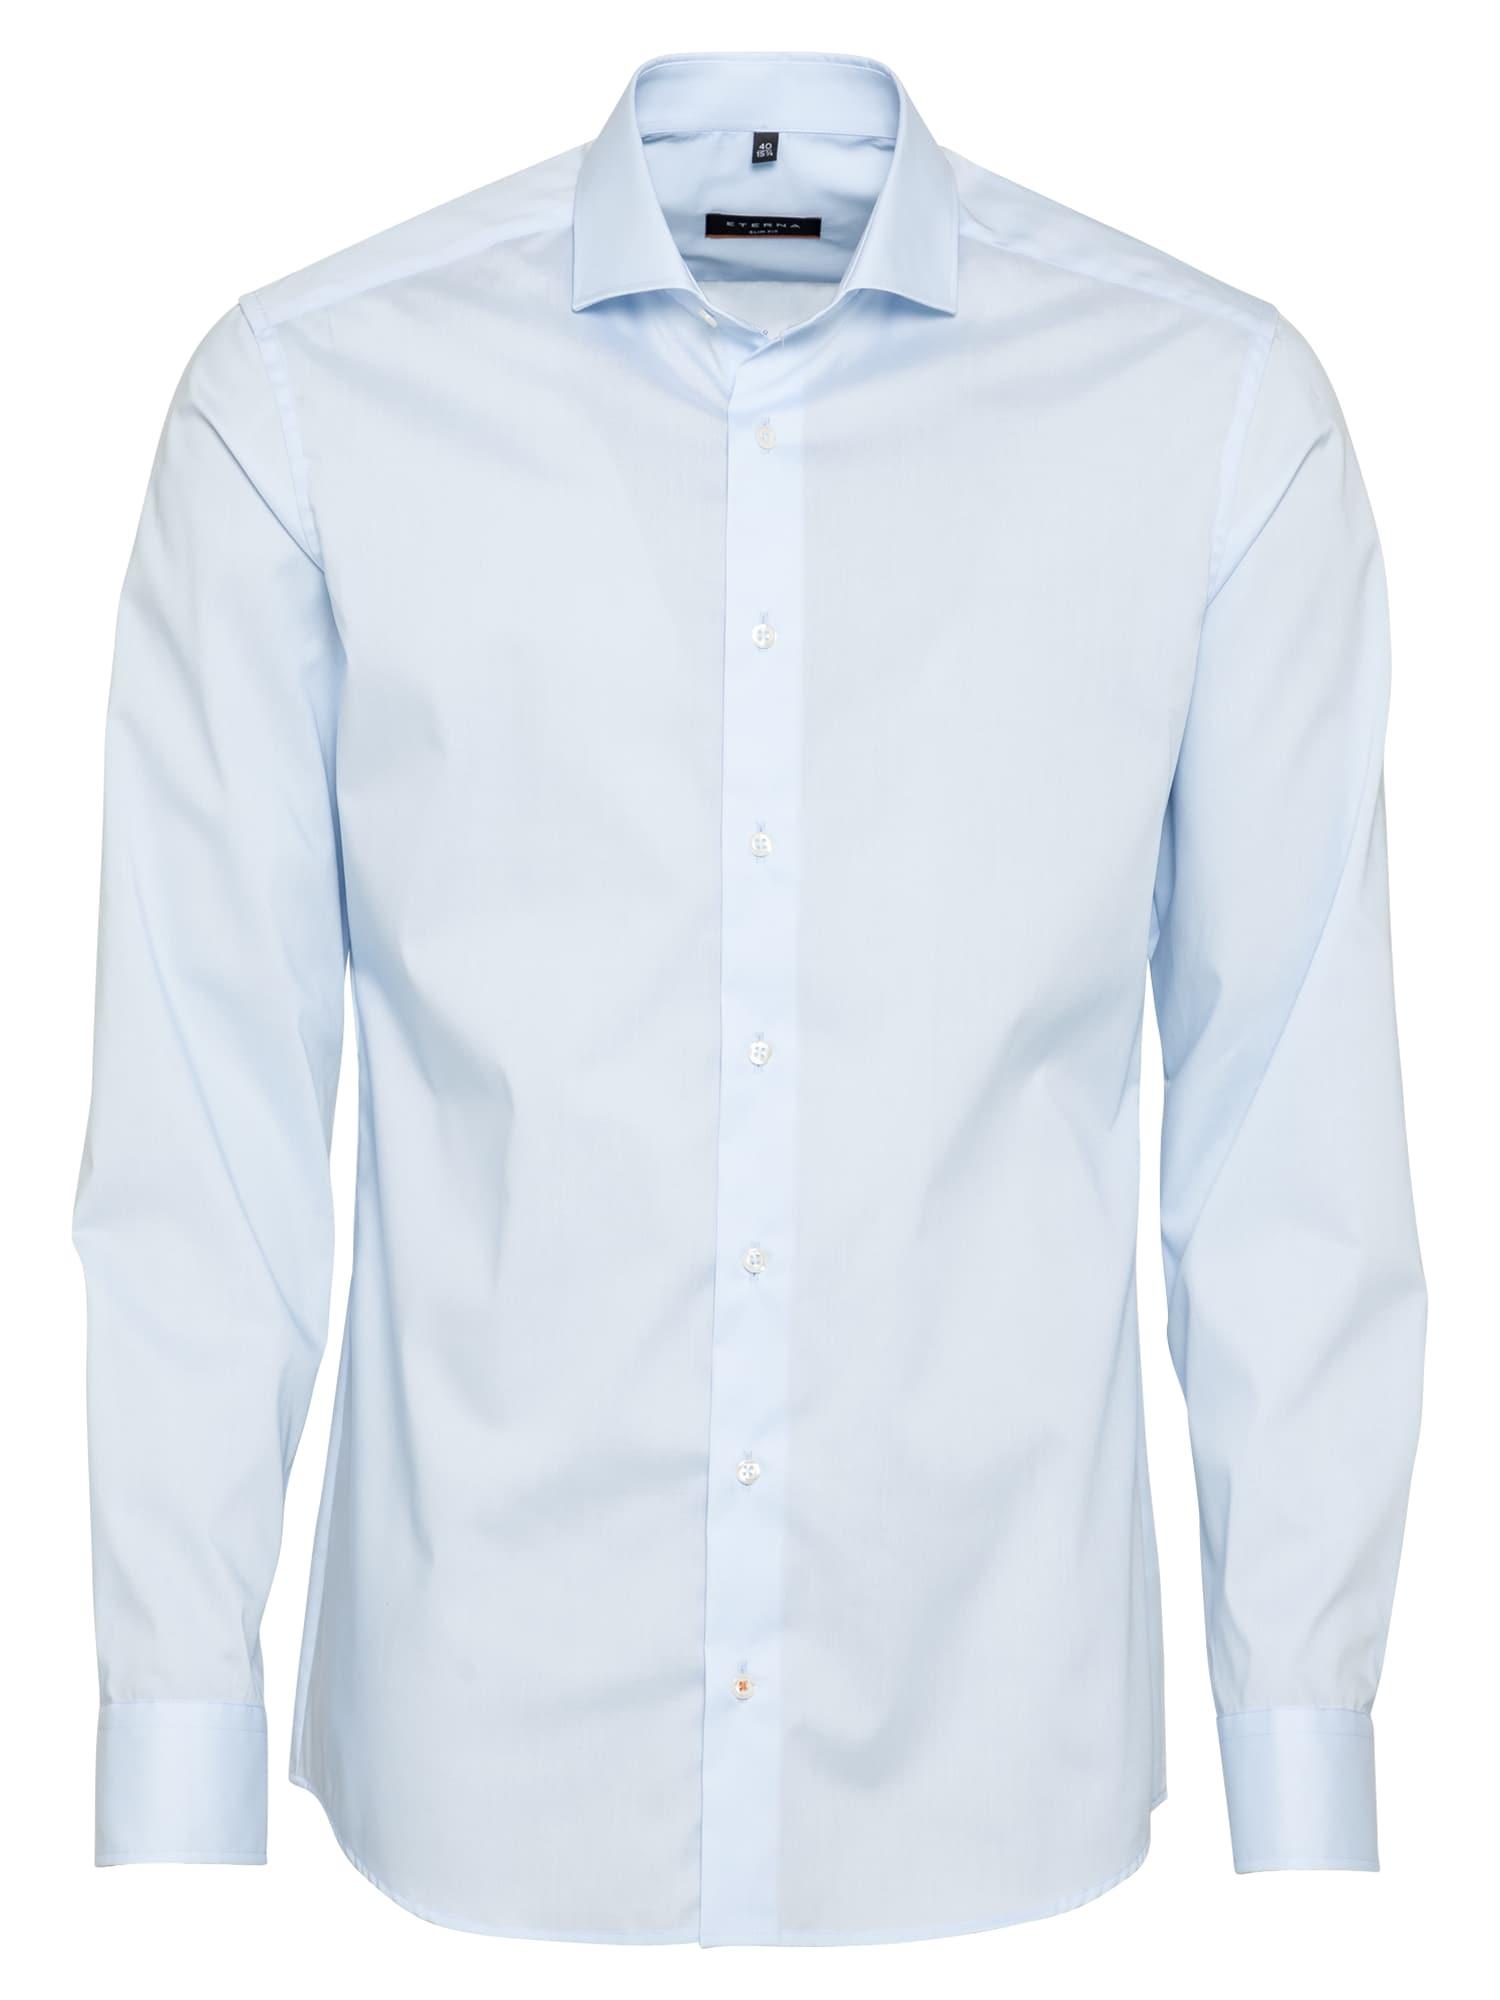 ETERNA Dalykinio stiliaus marškiniai mėlyna